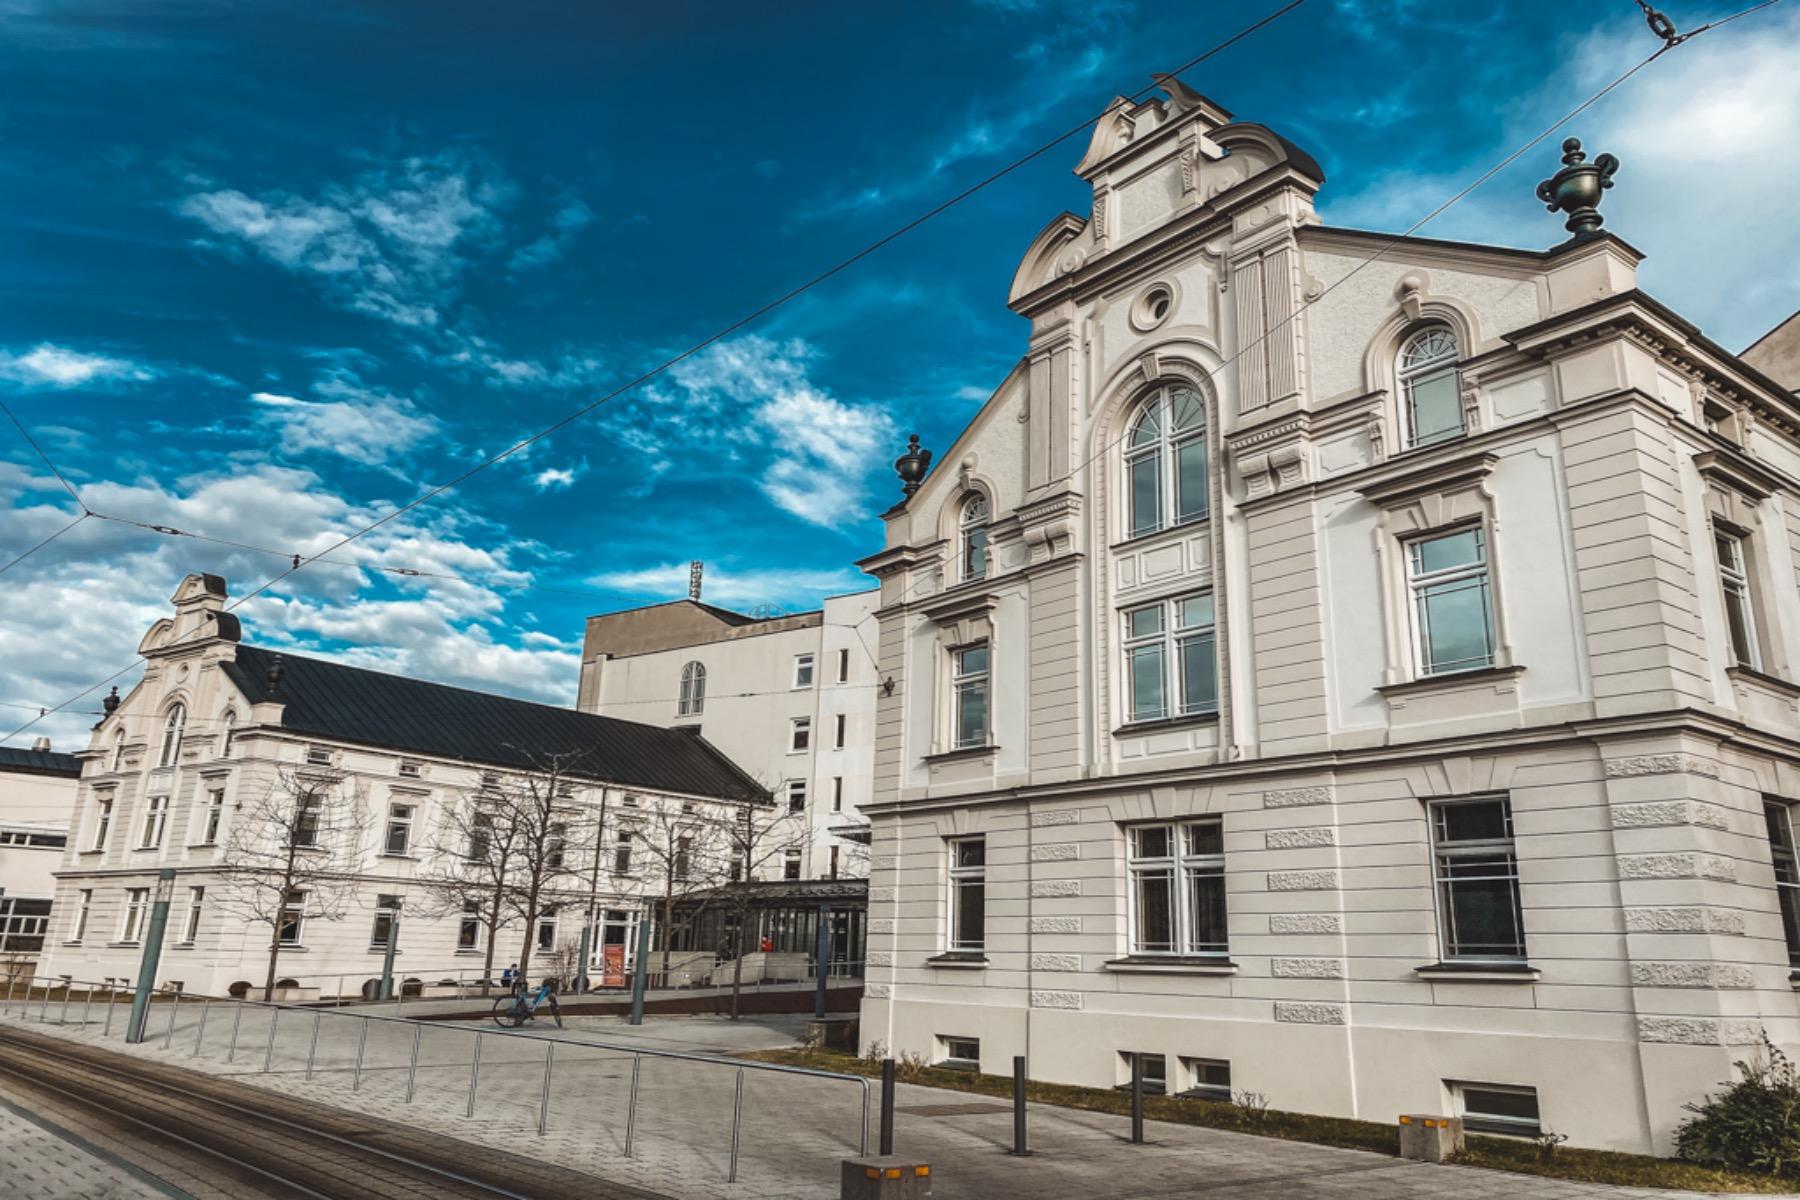 Die Hessing Kliniken wurden bereits mehrfach ausgezeichnet und sind eine der besten orthopädischen Rehabilitationsorte Deutschlands.